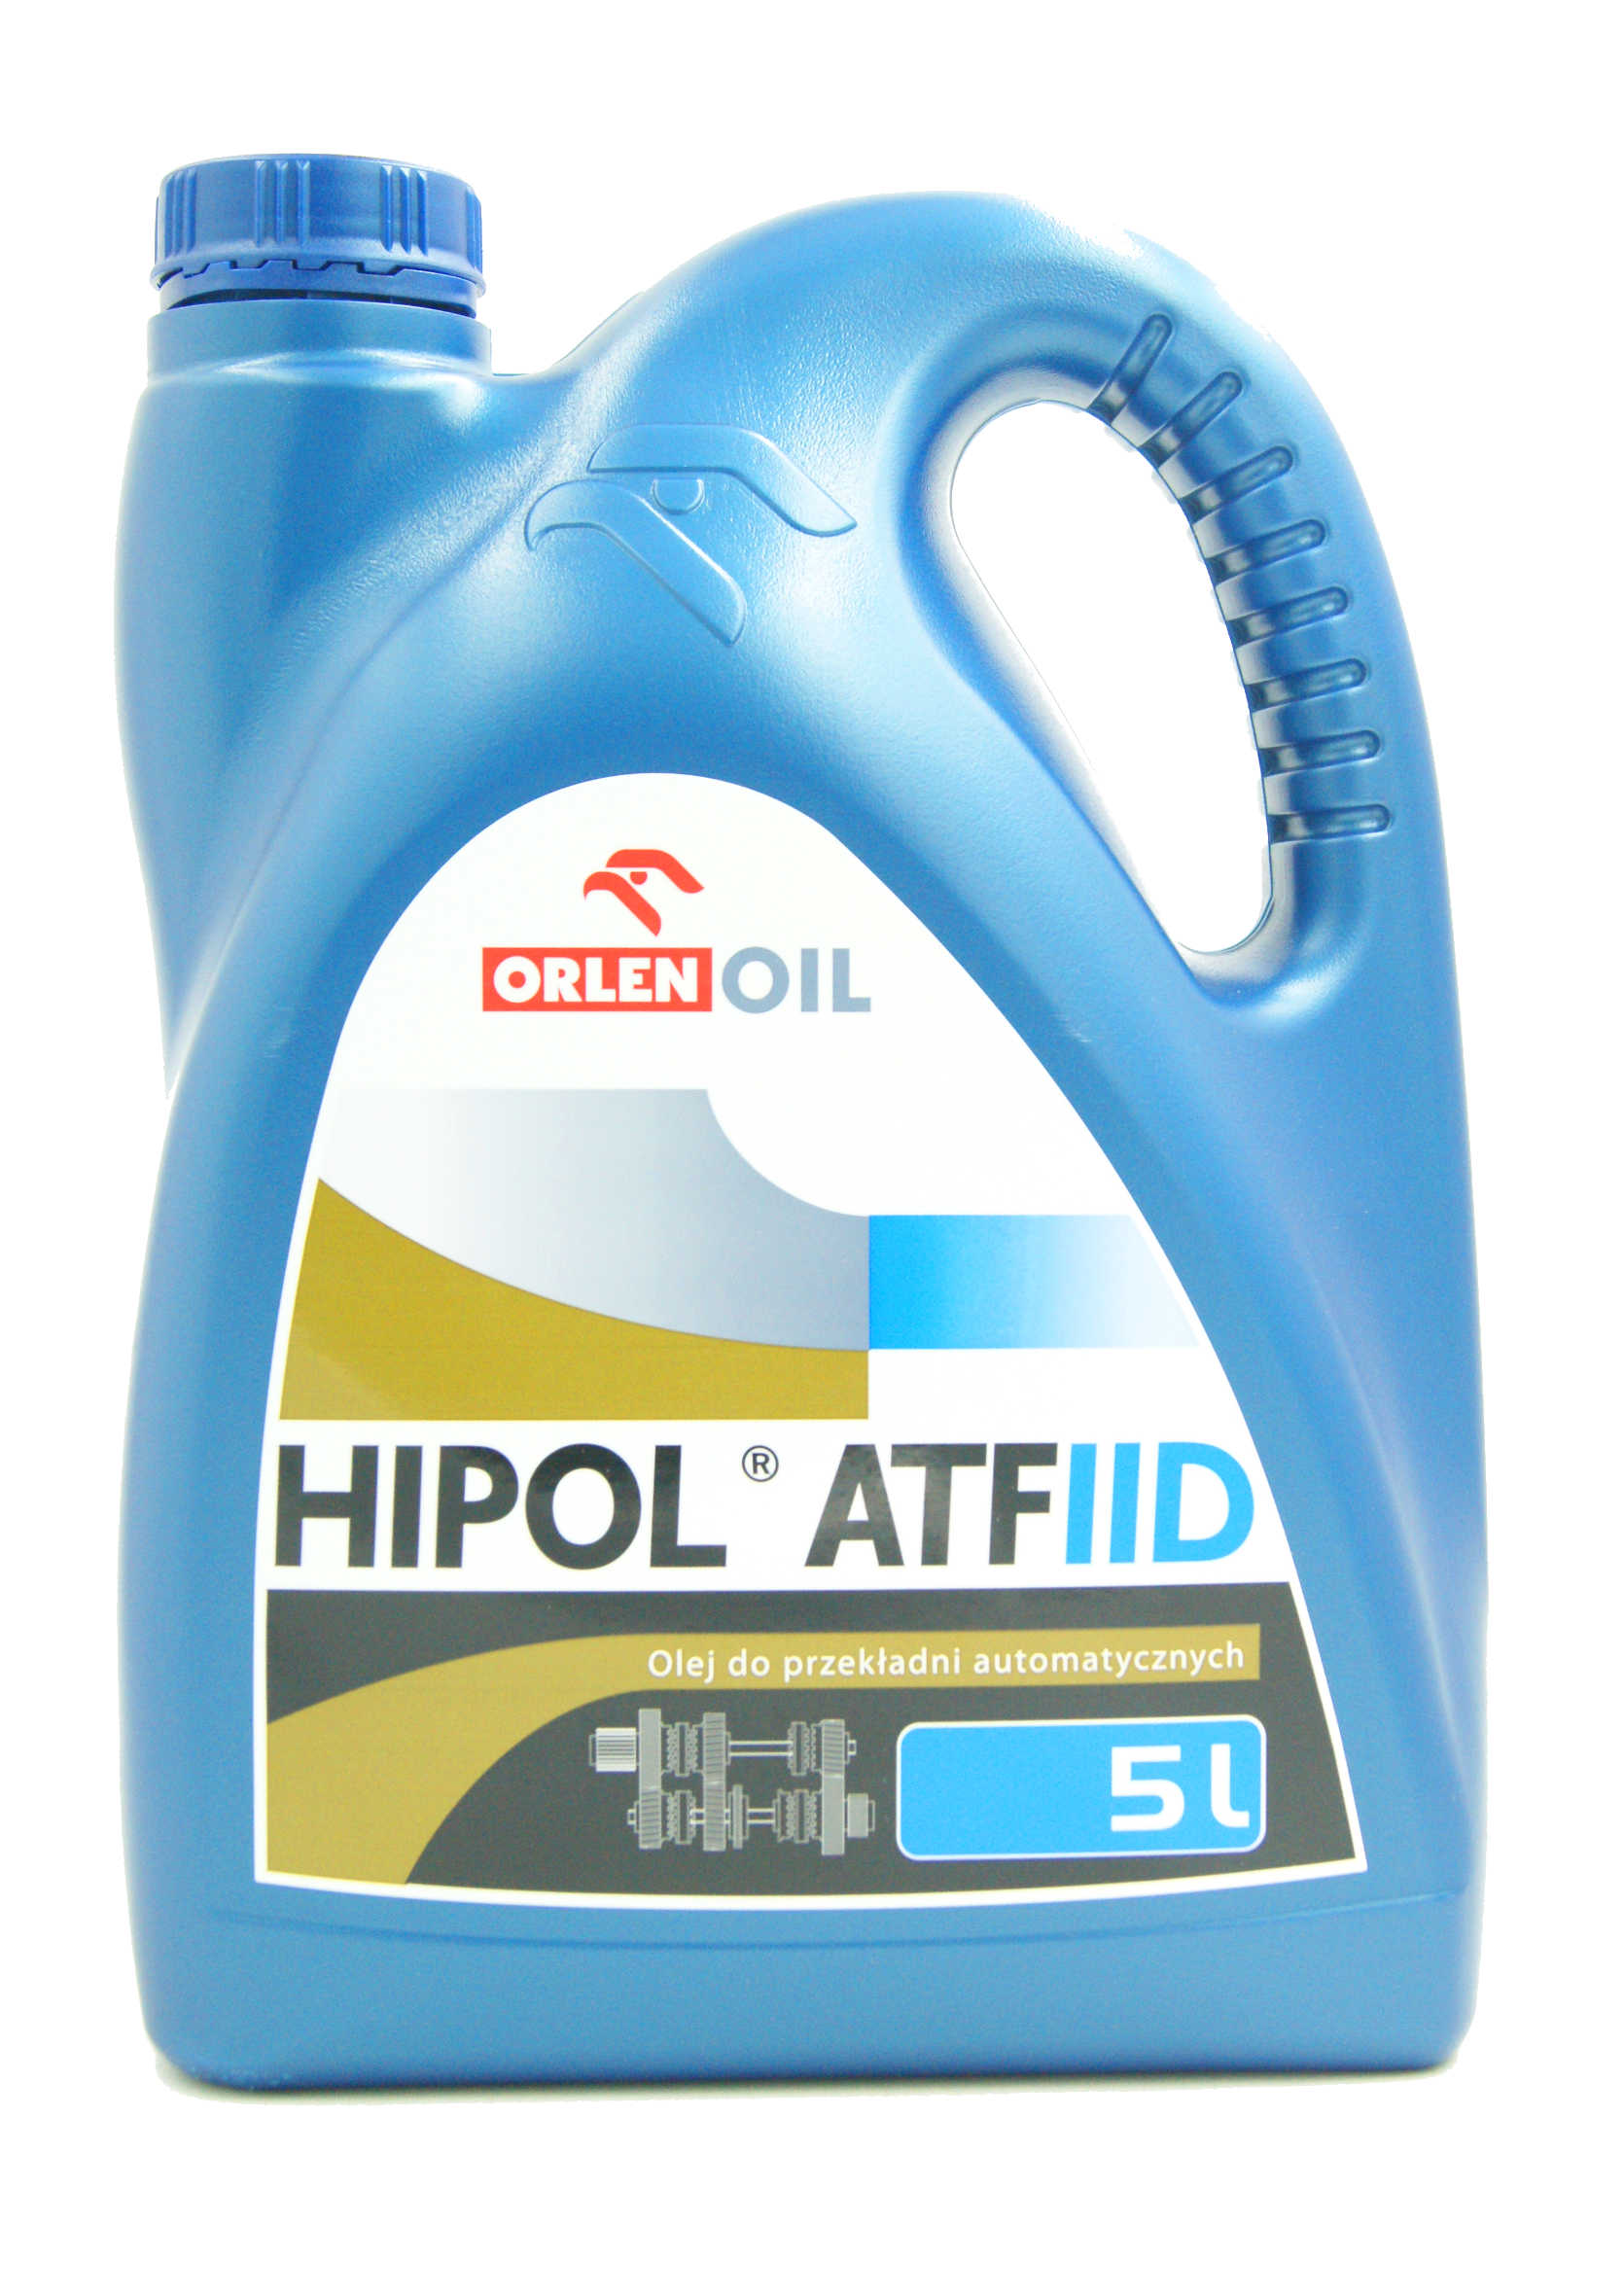 Hipol ATF IID 5L Mineralny Olej do Automatycznej Skrzyni Biegów